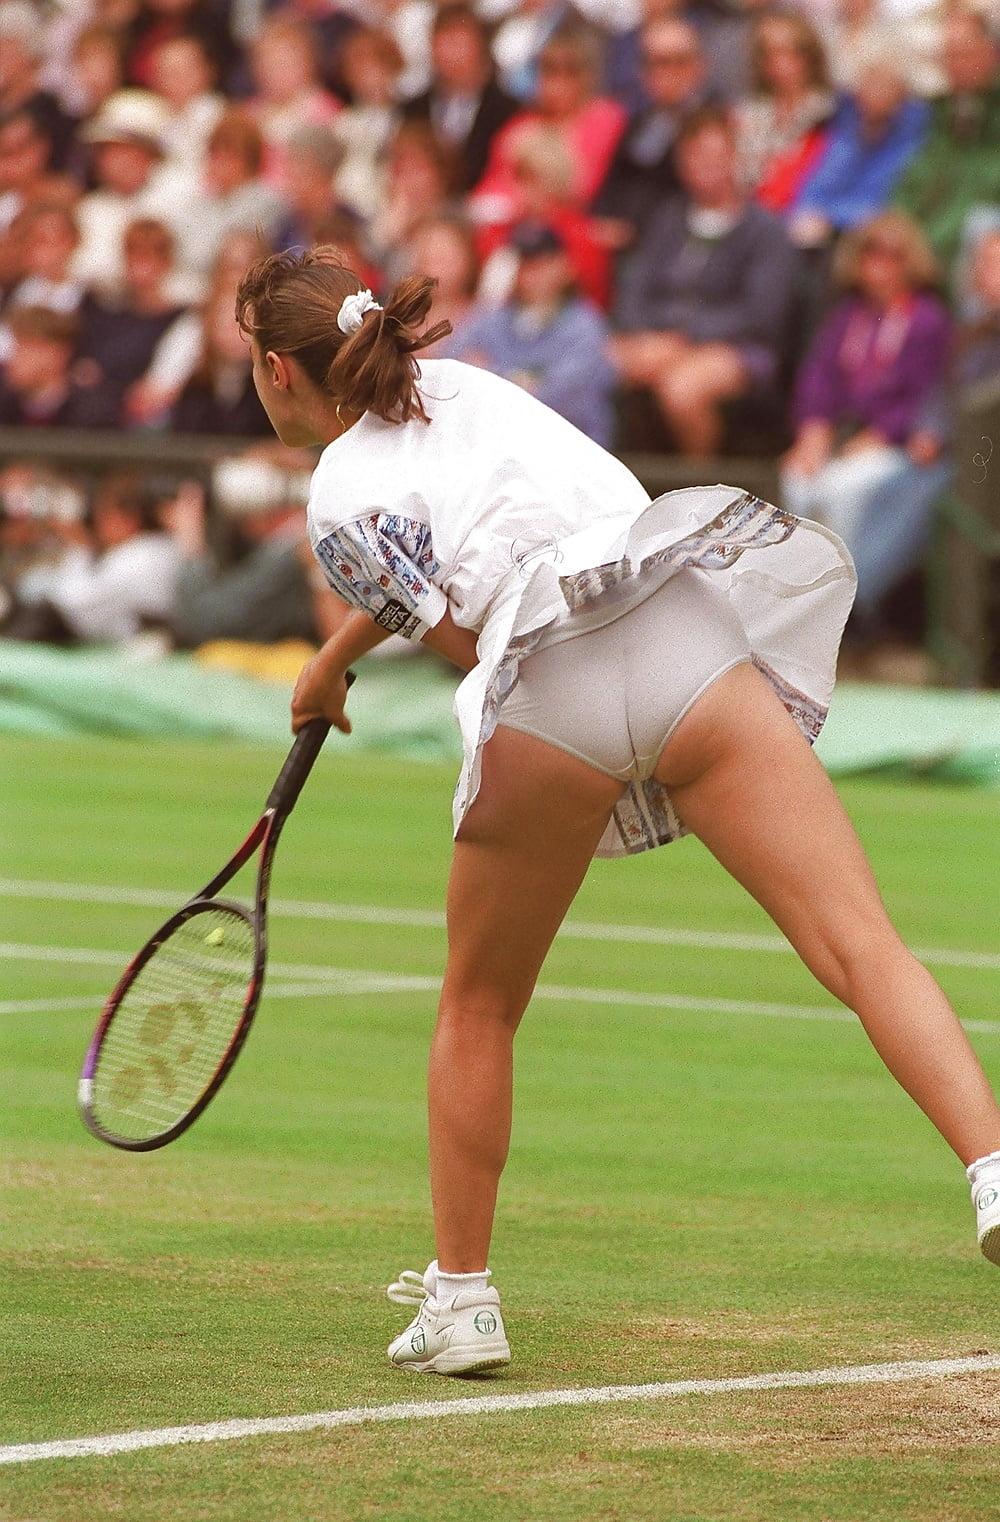 Tennis skirt no panties